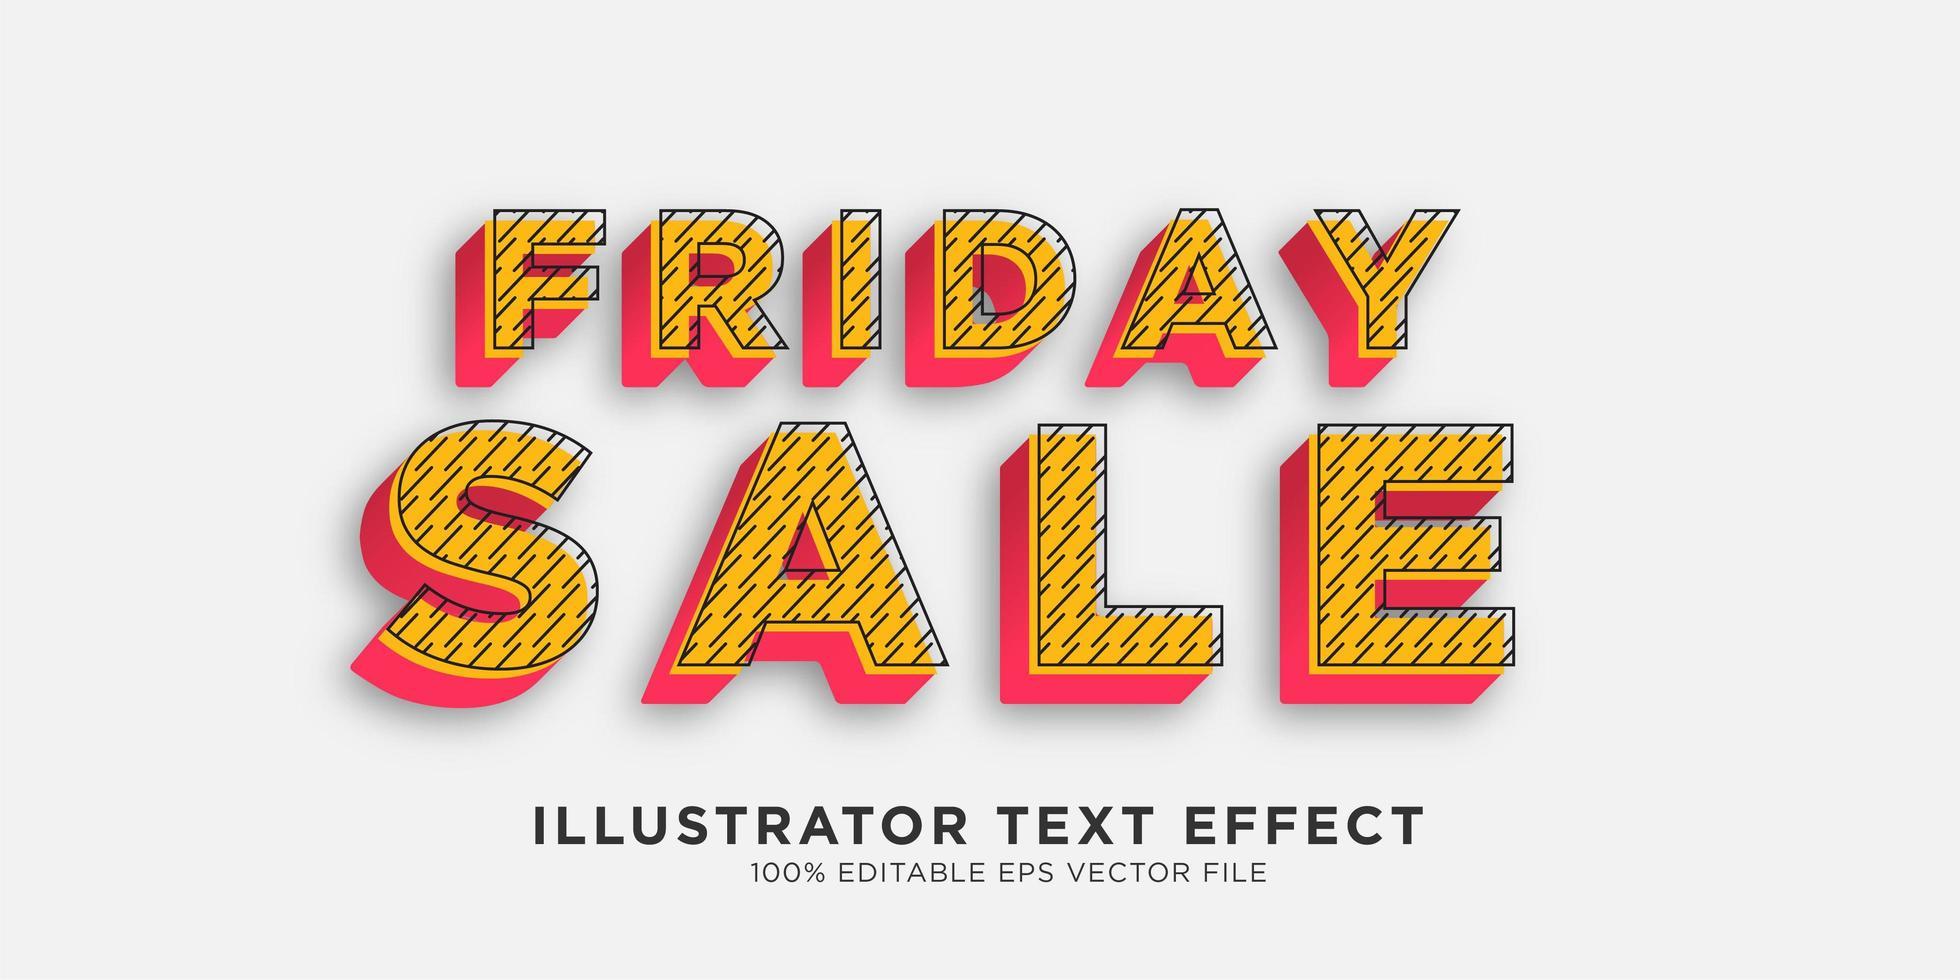 efecto de texto efecto de estilo ilustrador vector